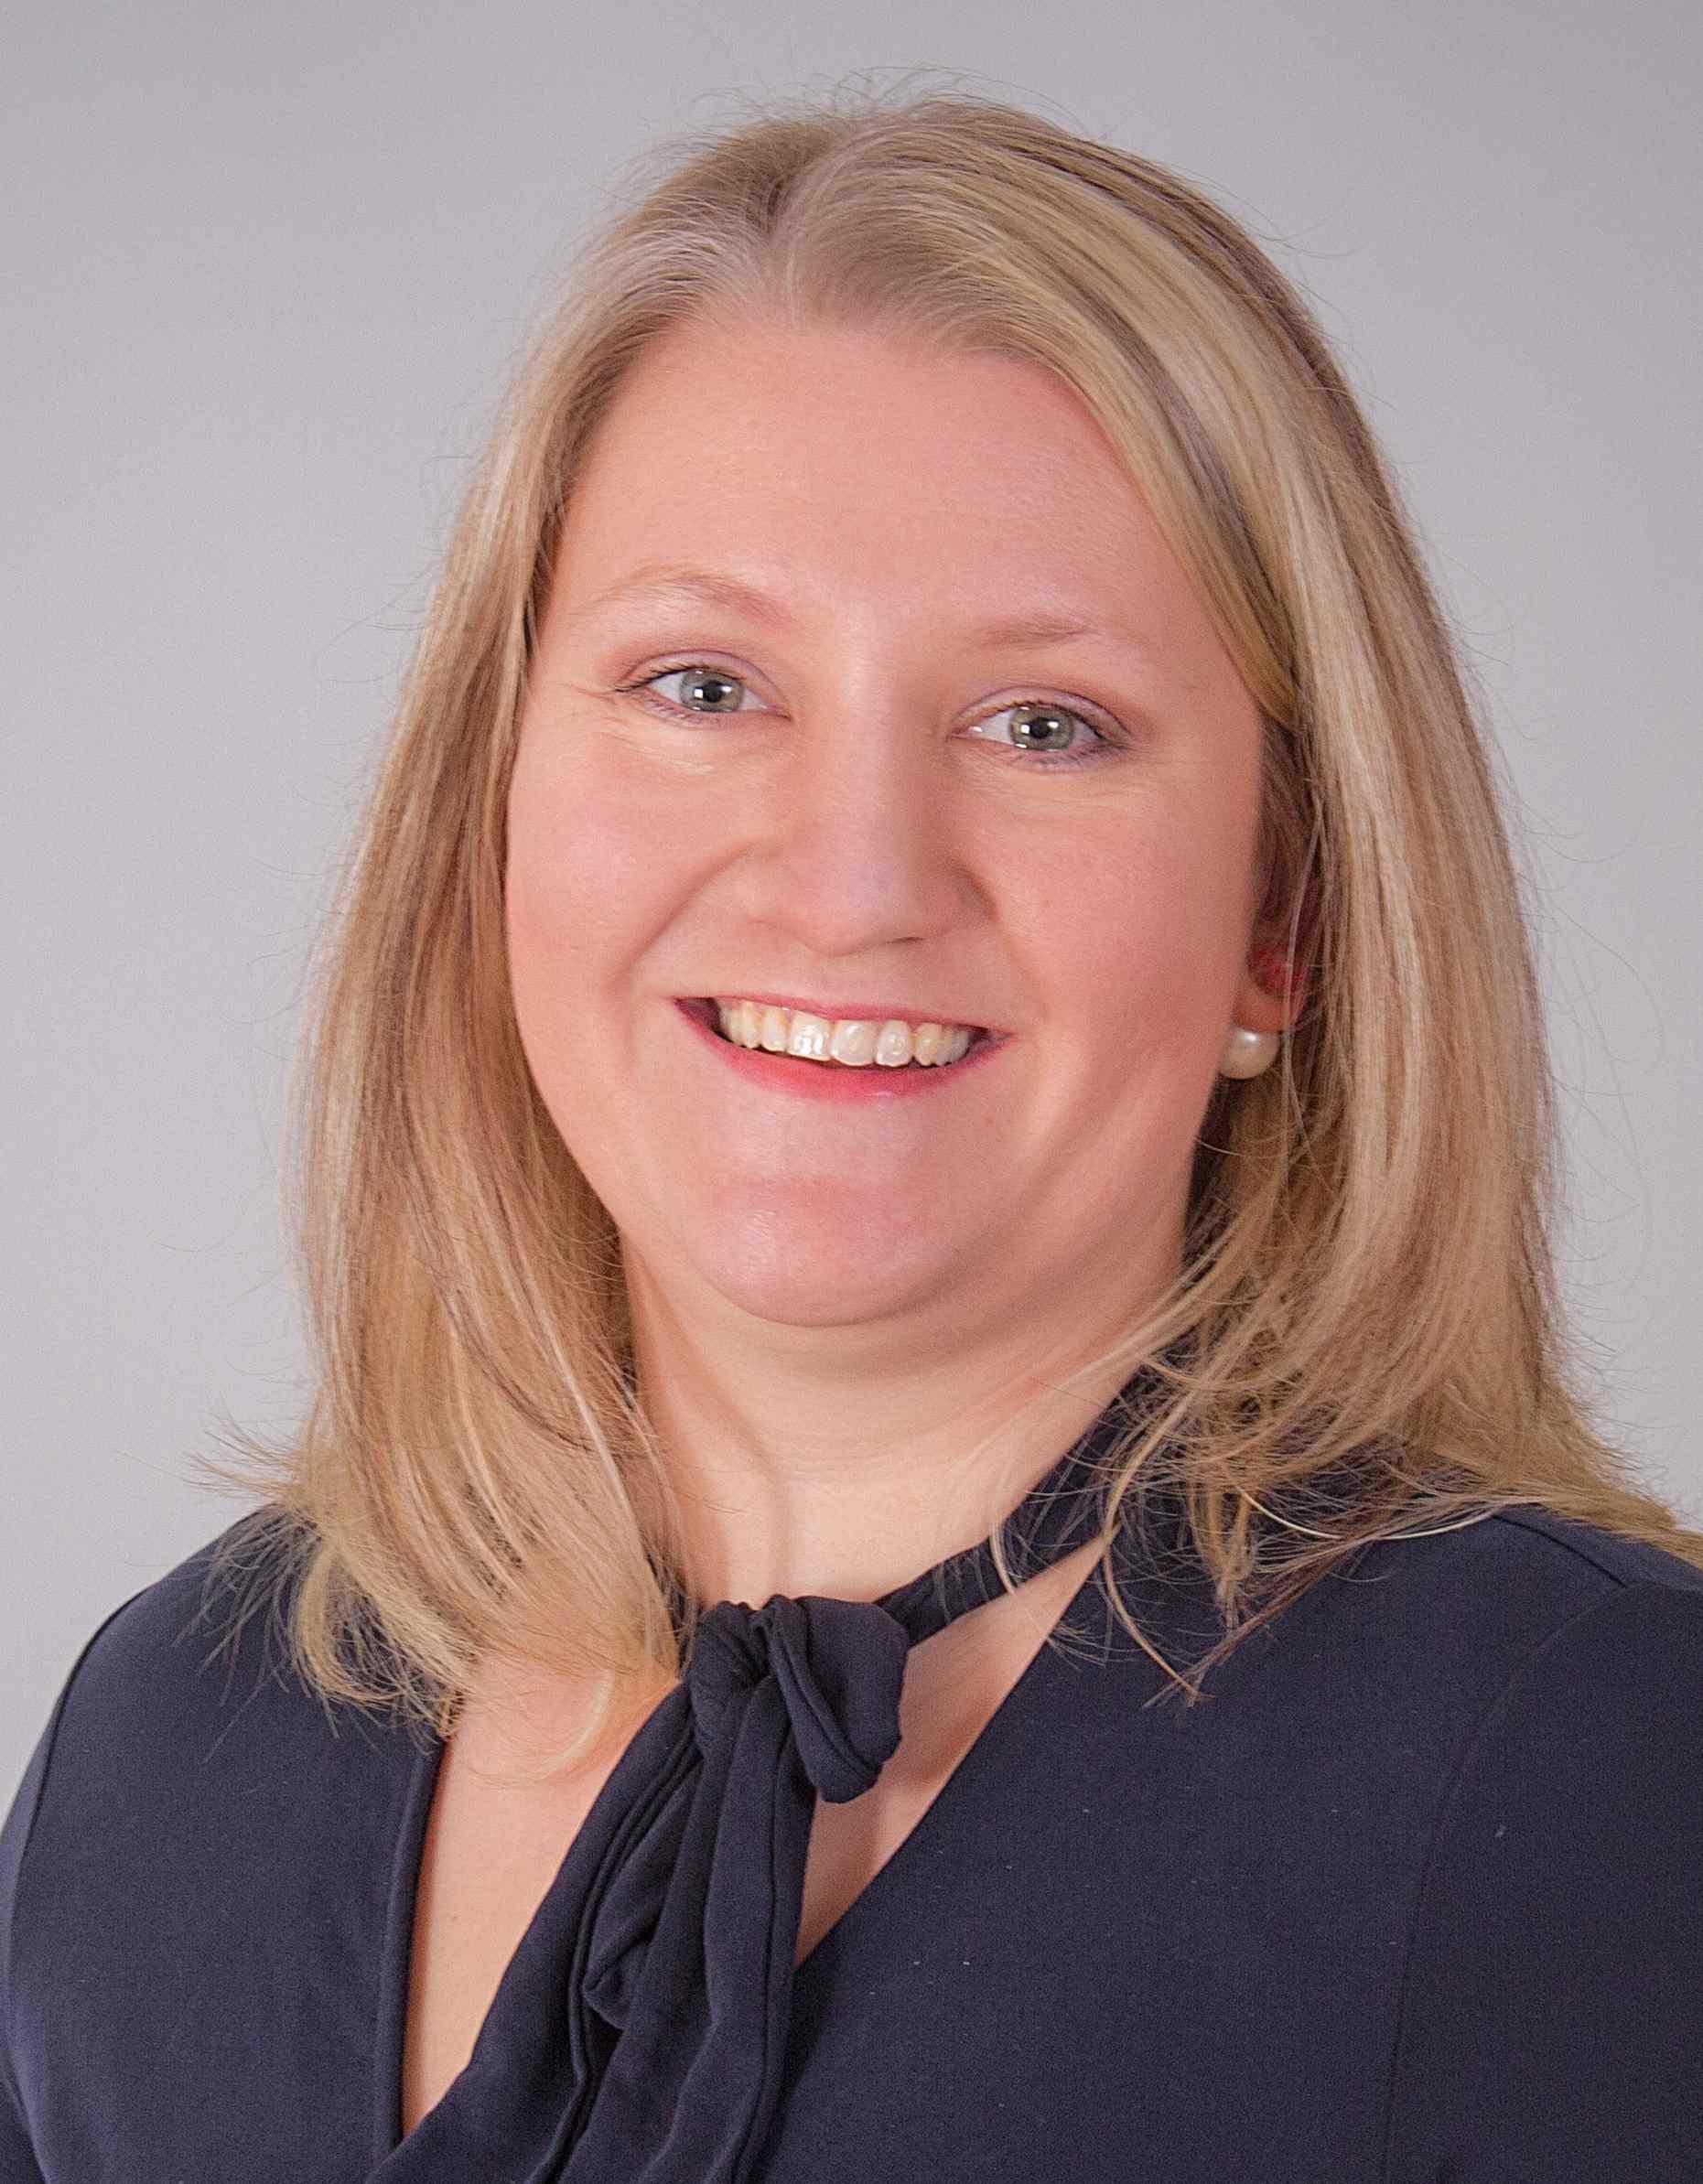 Luisa Berendt